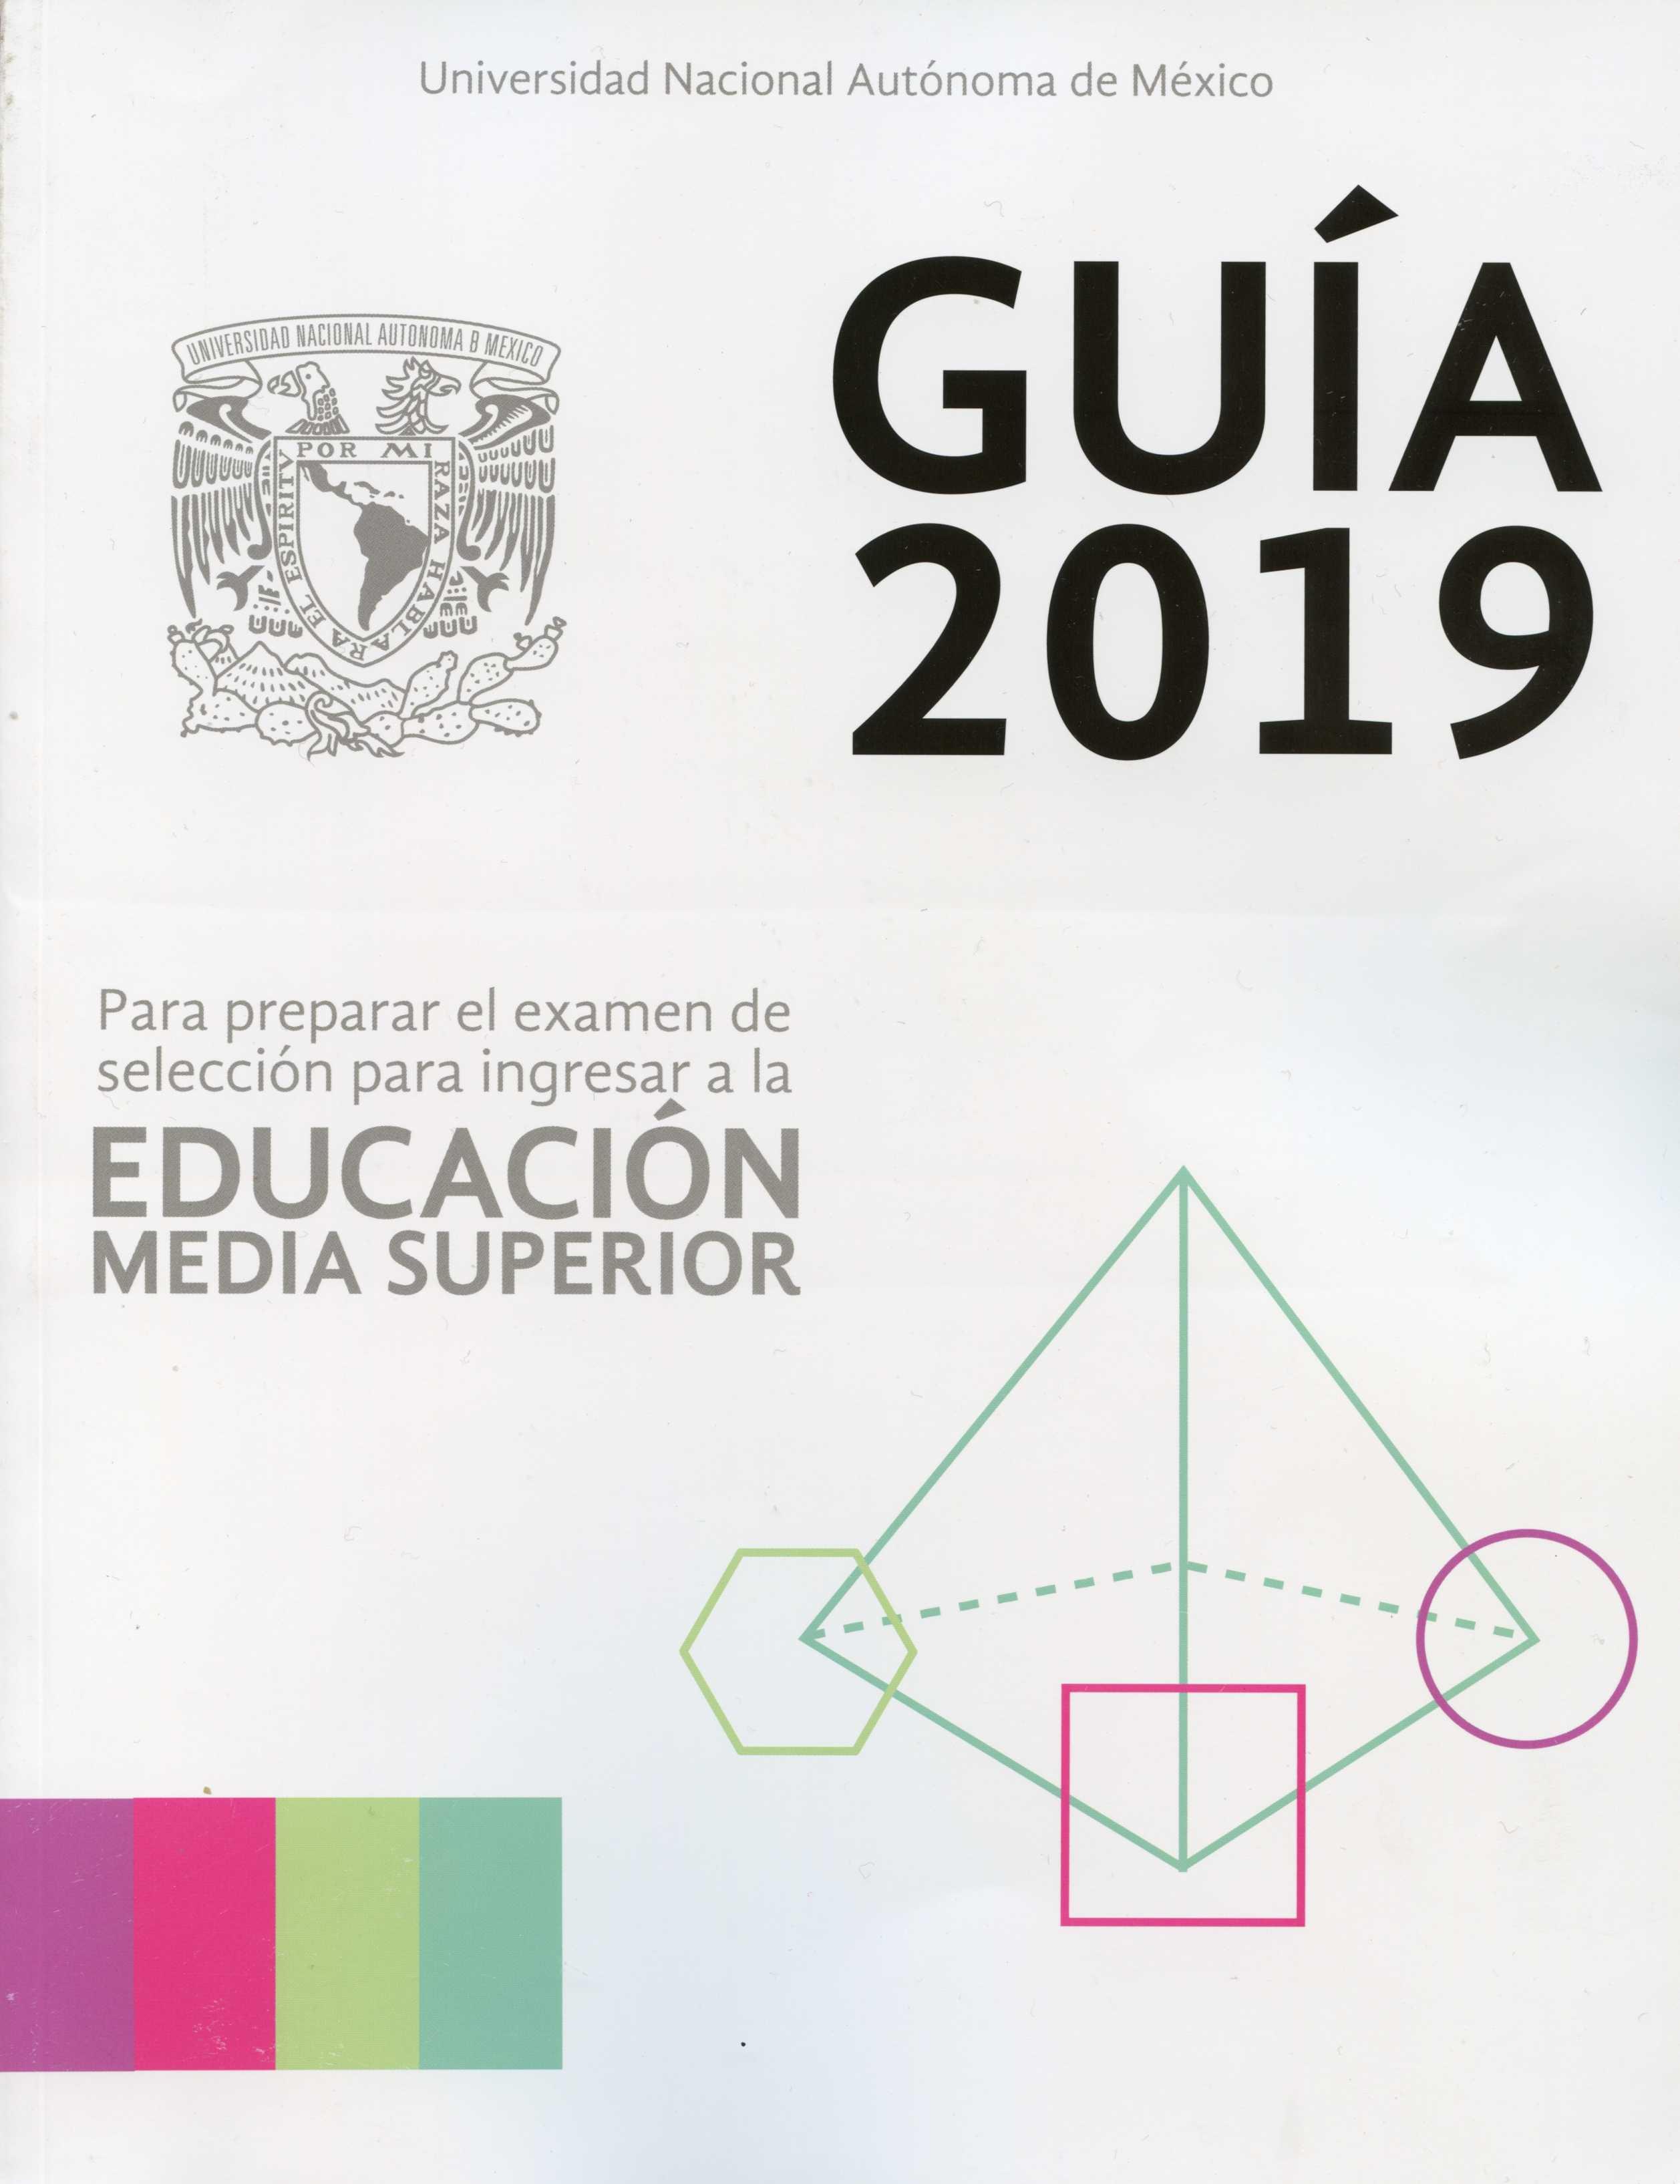 Guía 2019 para preparar el examen de selección para ingresar a la educación media superior